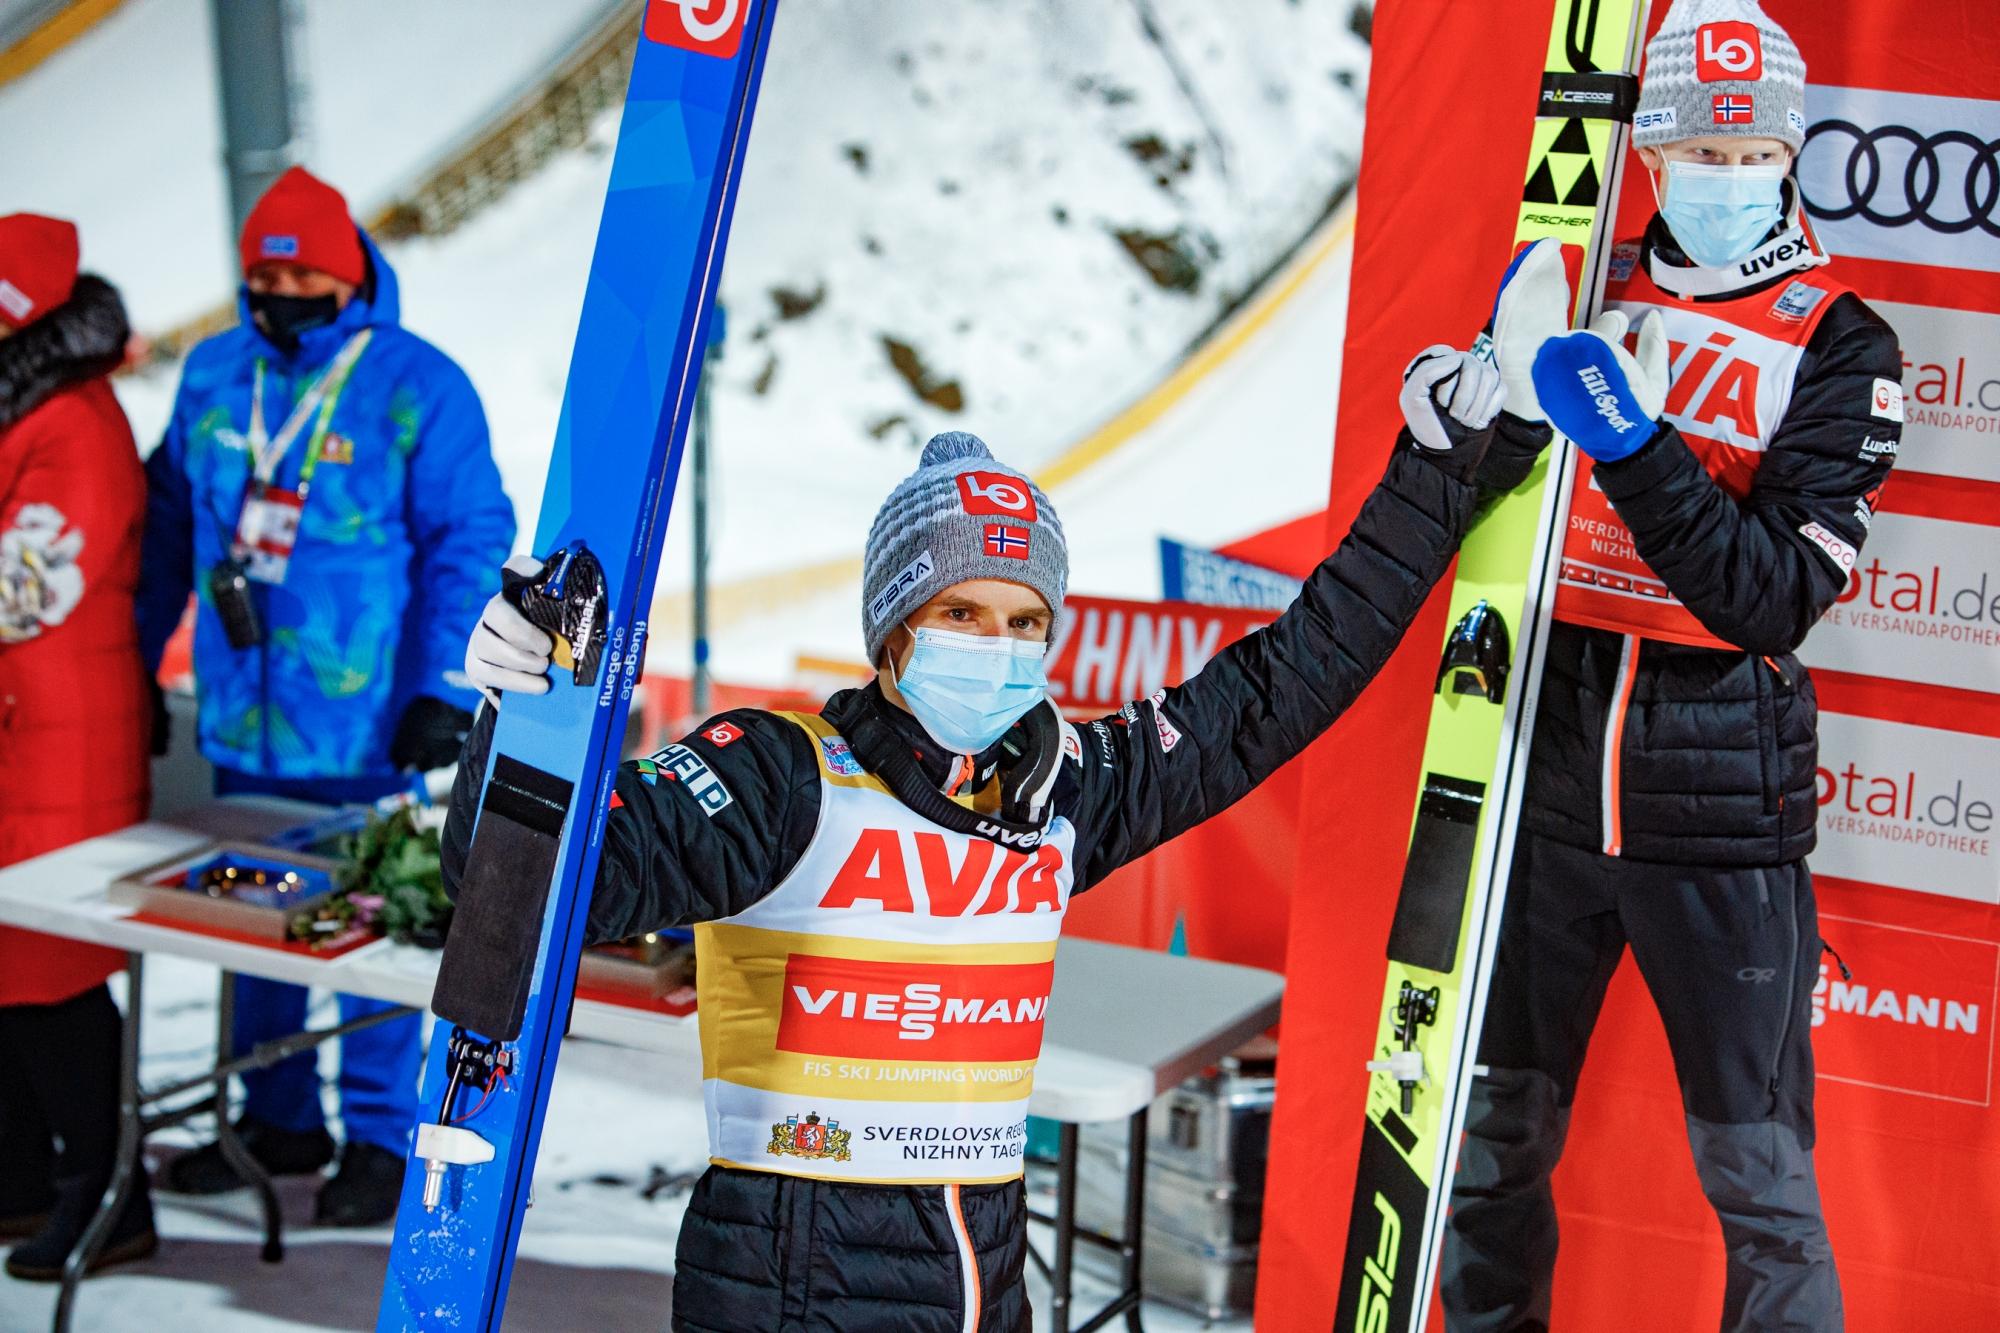 PŚ Niżny Tagił: Norweskie podium, kolejny triumf Graneruda, życiówka Wąska